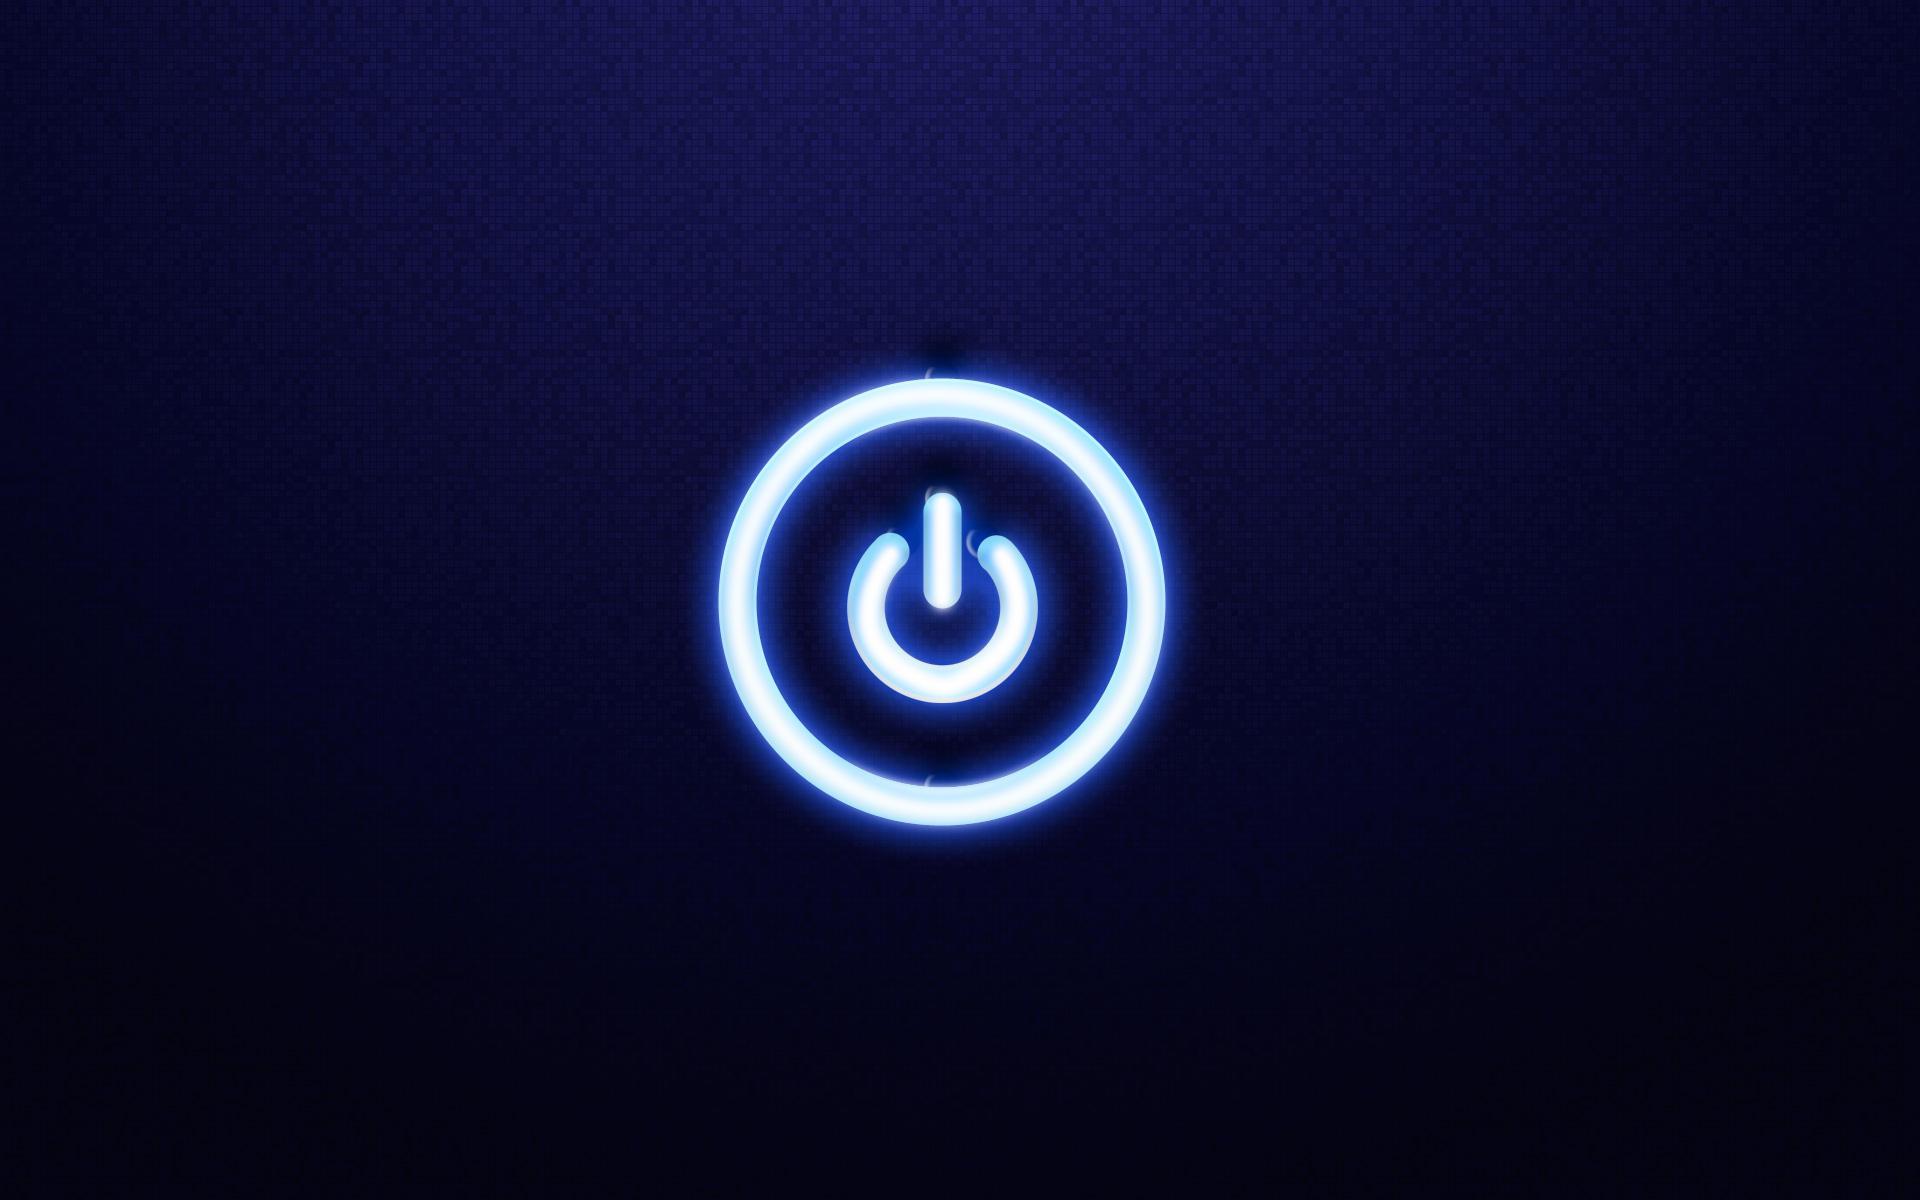 Power Button Wallpaper  455098